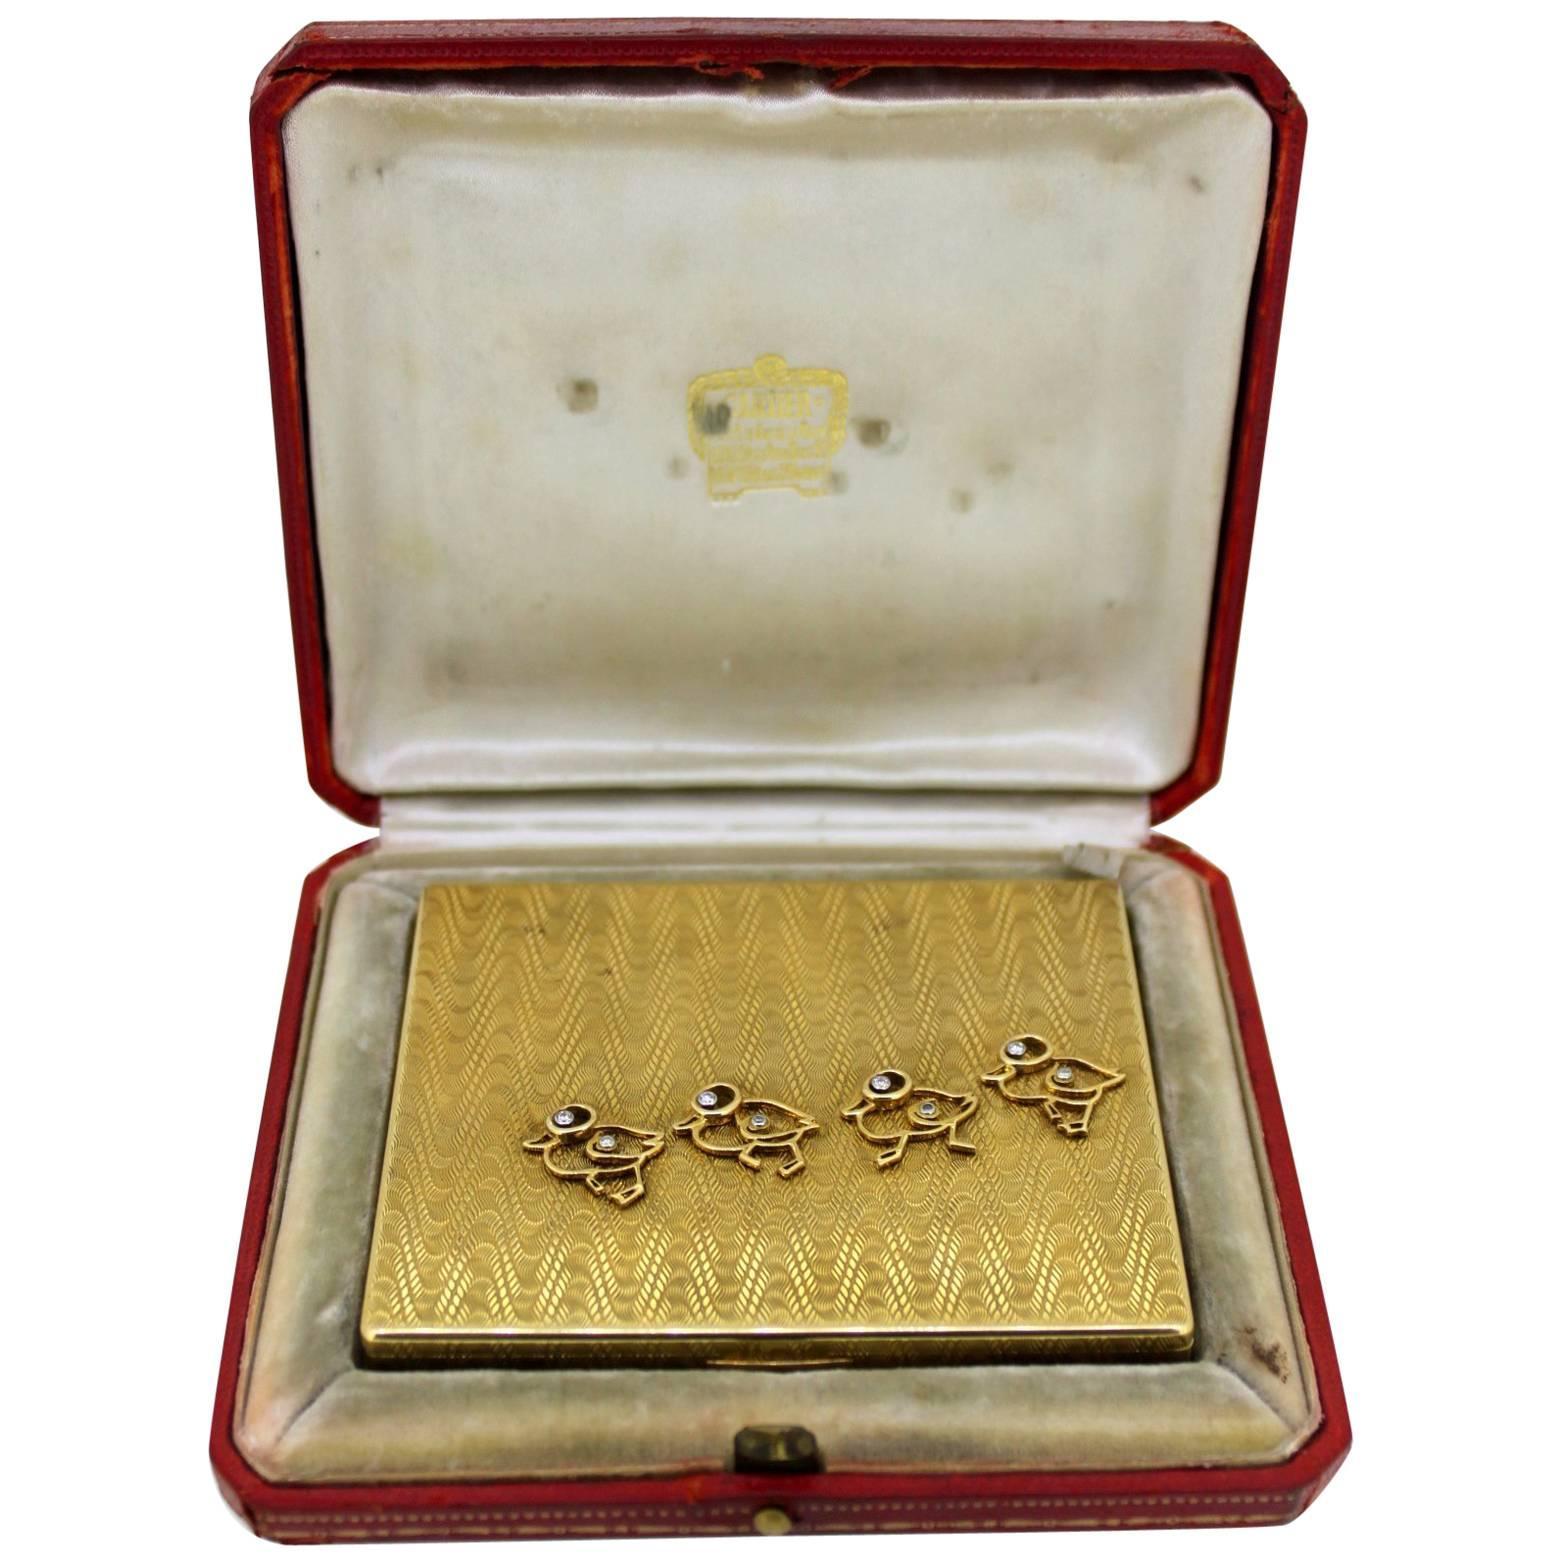 Cartier 18-Karat Yellow Gold Compact Box with Diamonds 0.20 Carat, Paris, 1930s